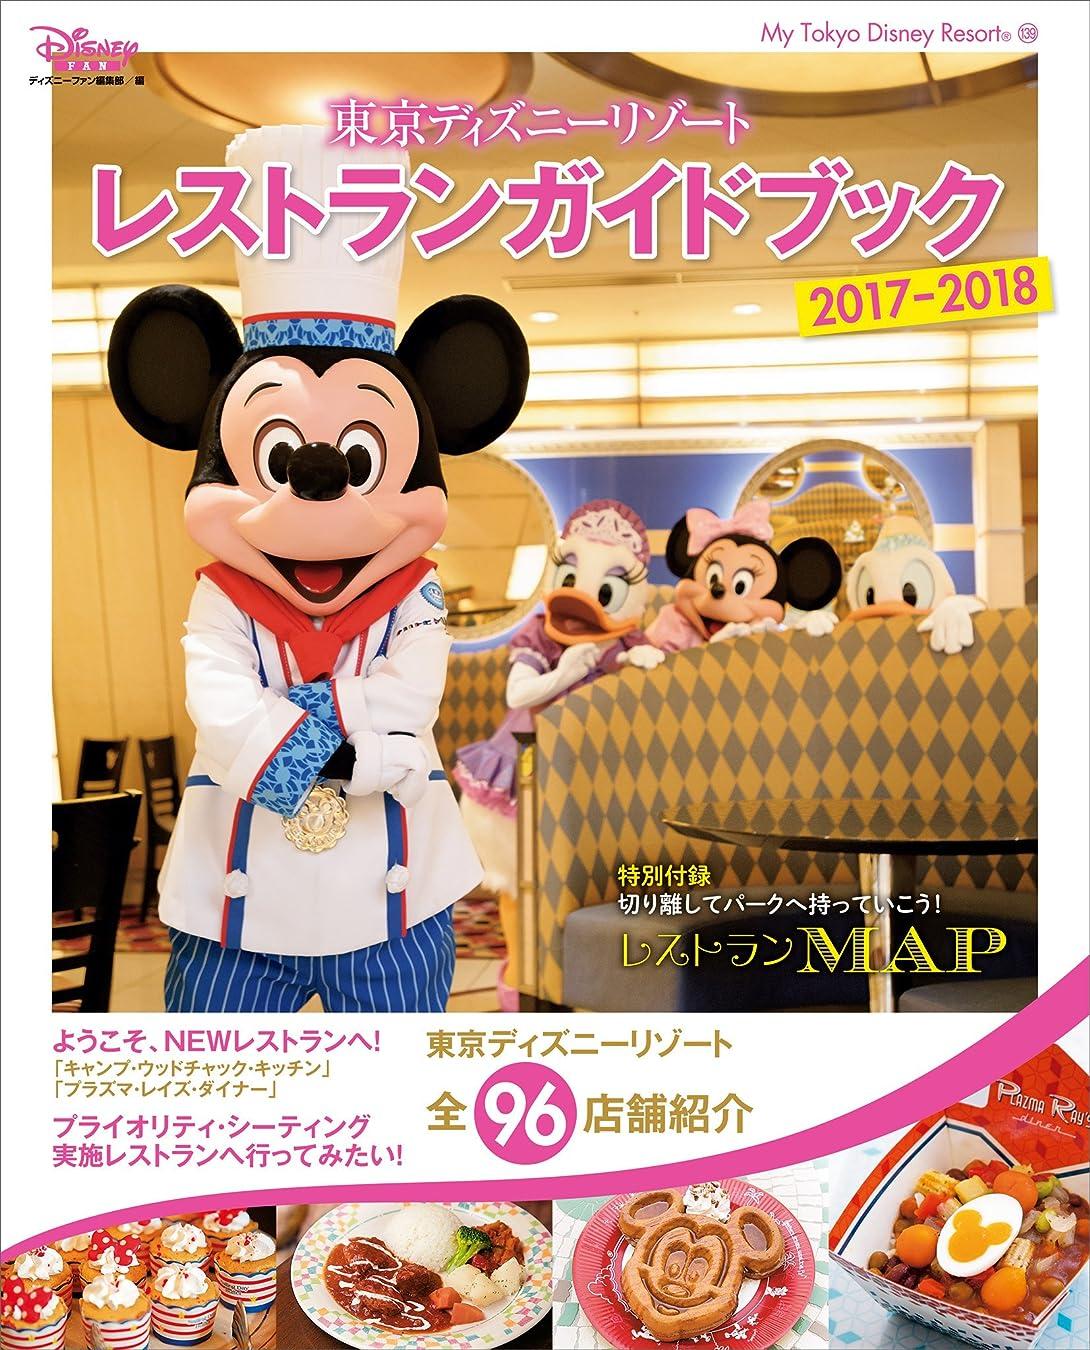 そのようなこどもセンターお願いします東京ディズニーリゾート レストランガイドブック 2017-2018 (My Tokyo Disney Resort)